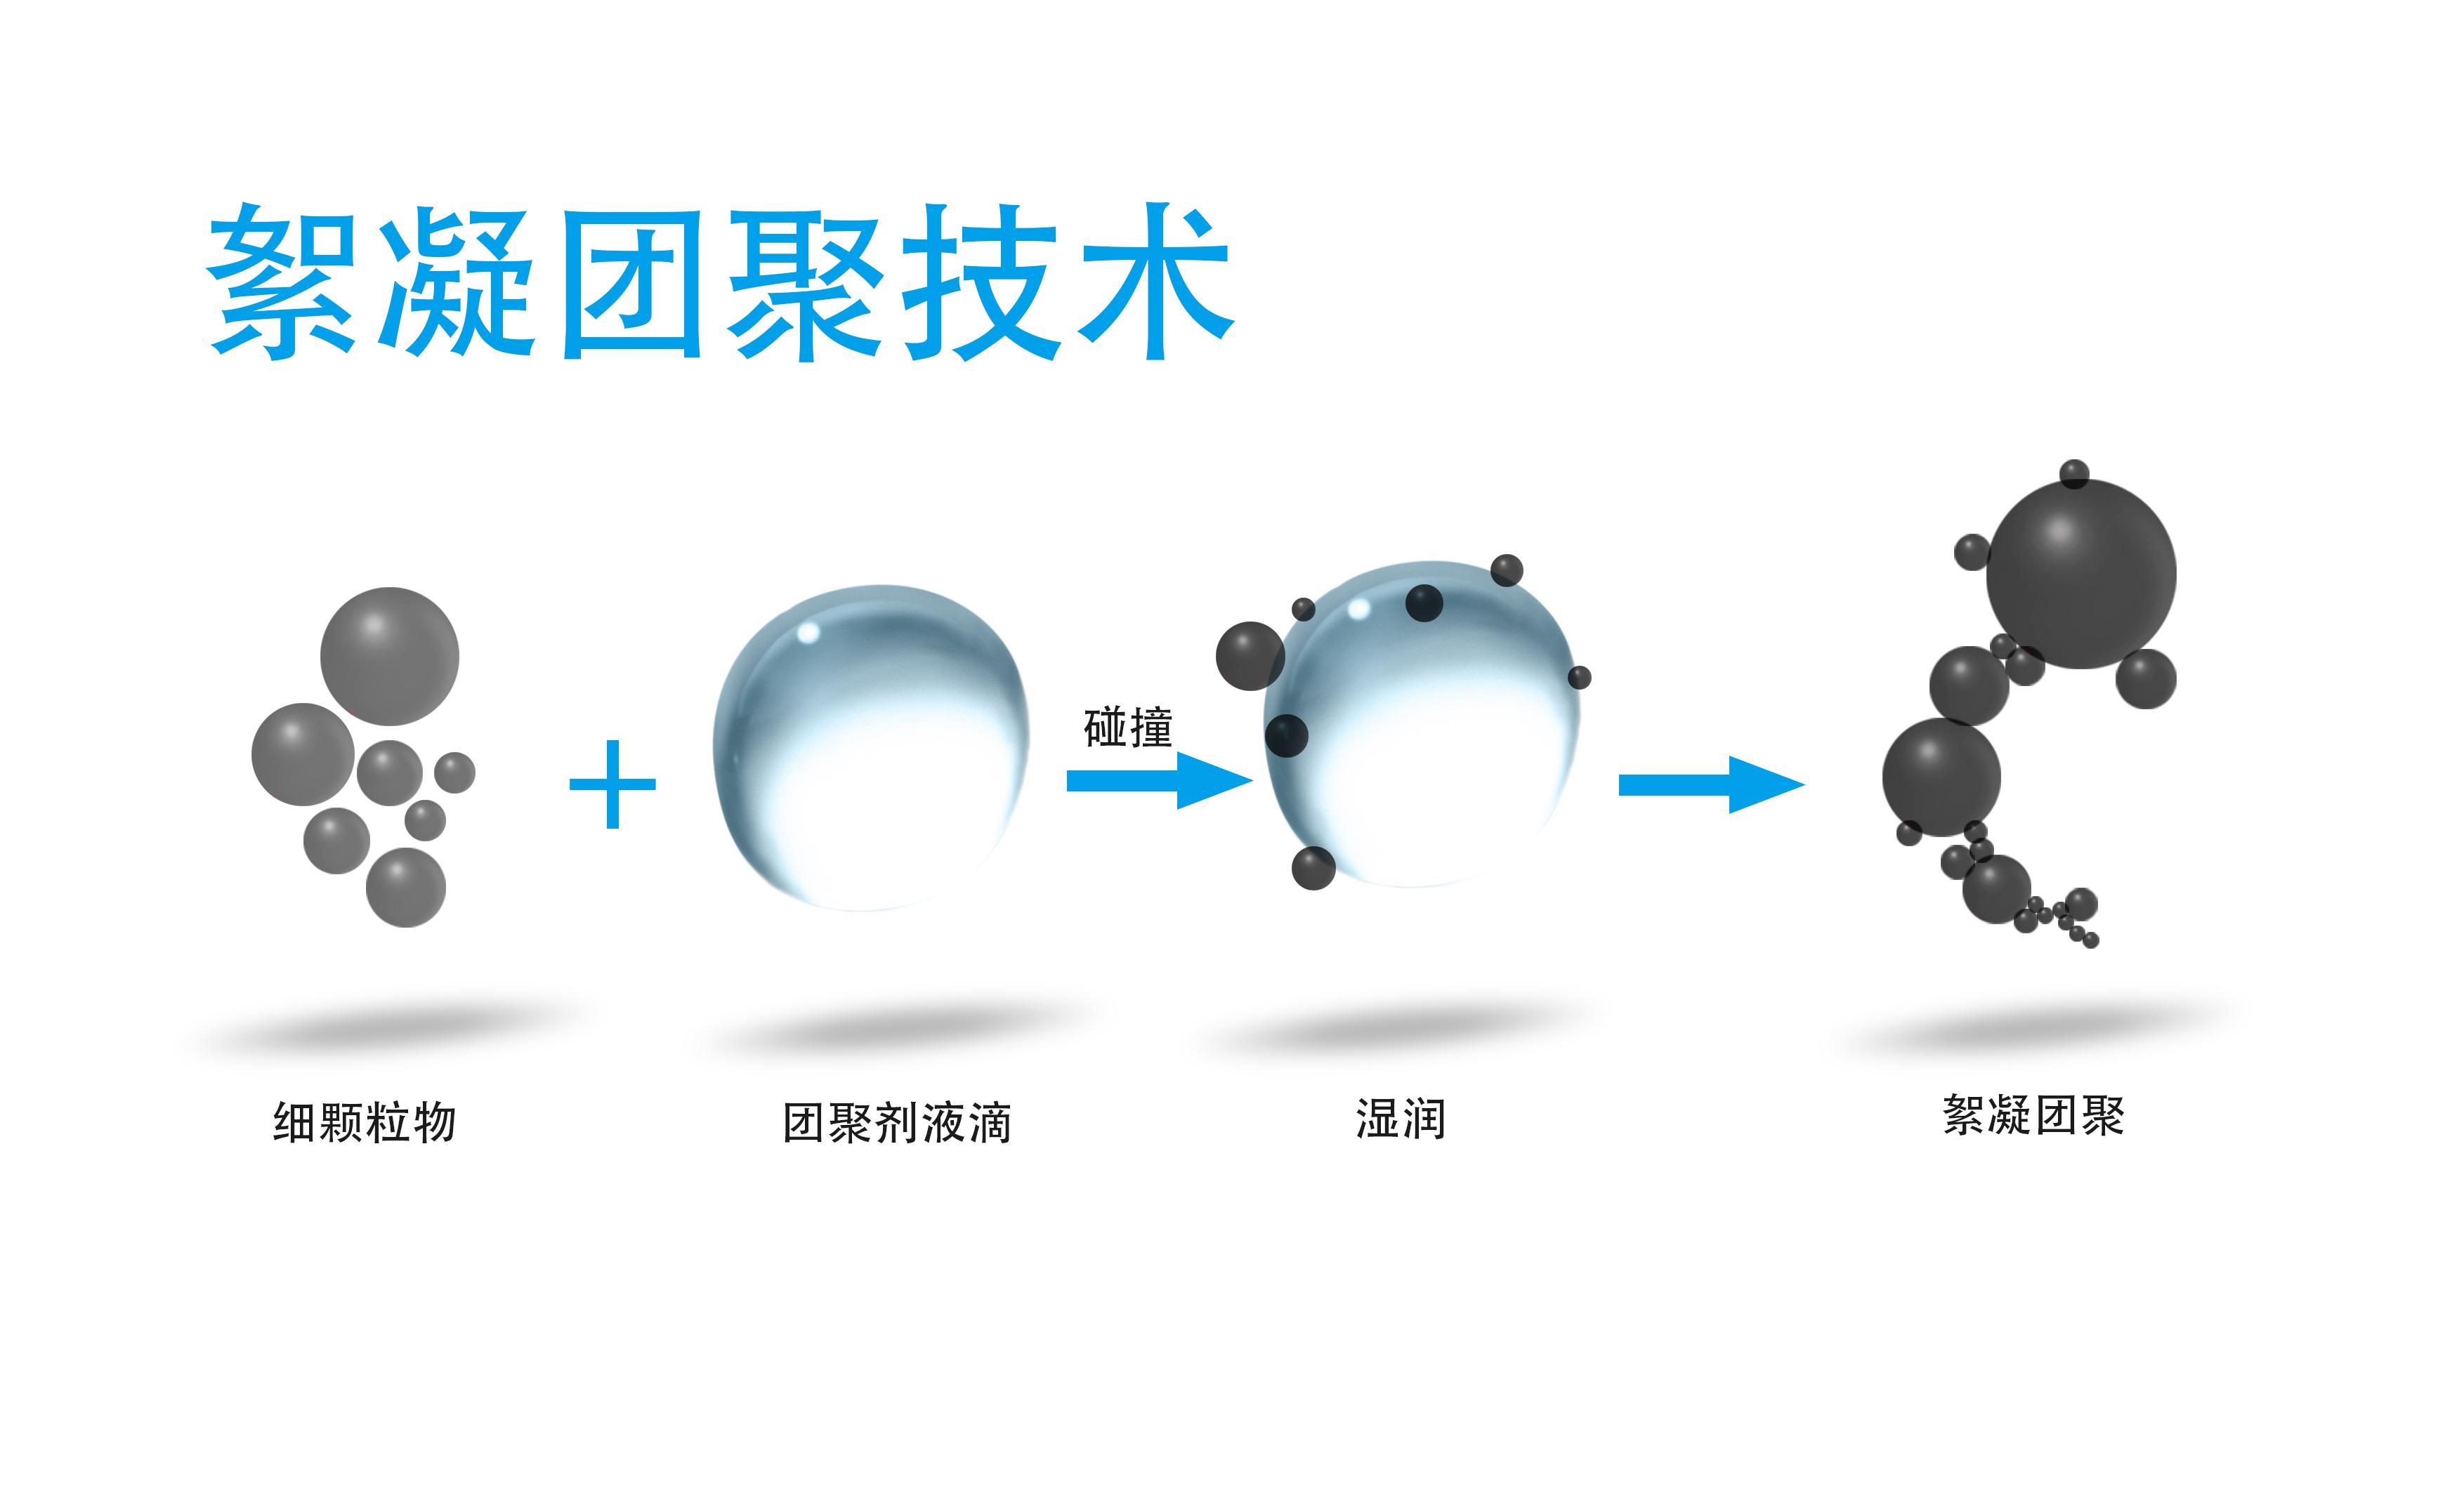 絮凝团聚技术0.jpg